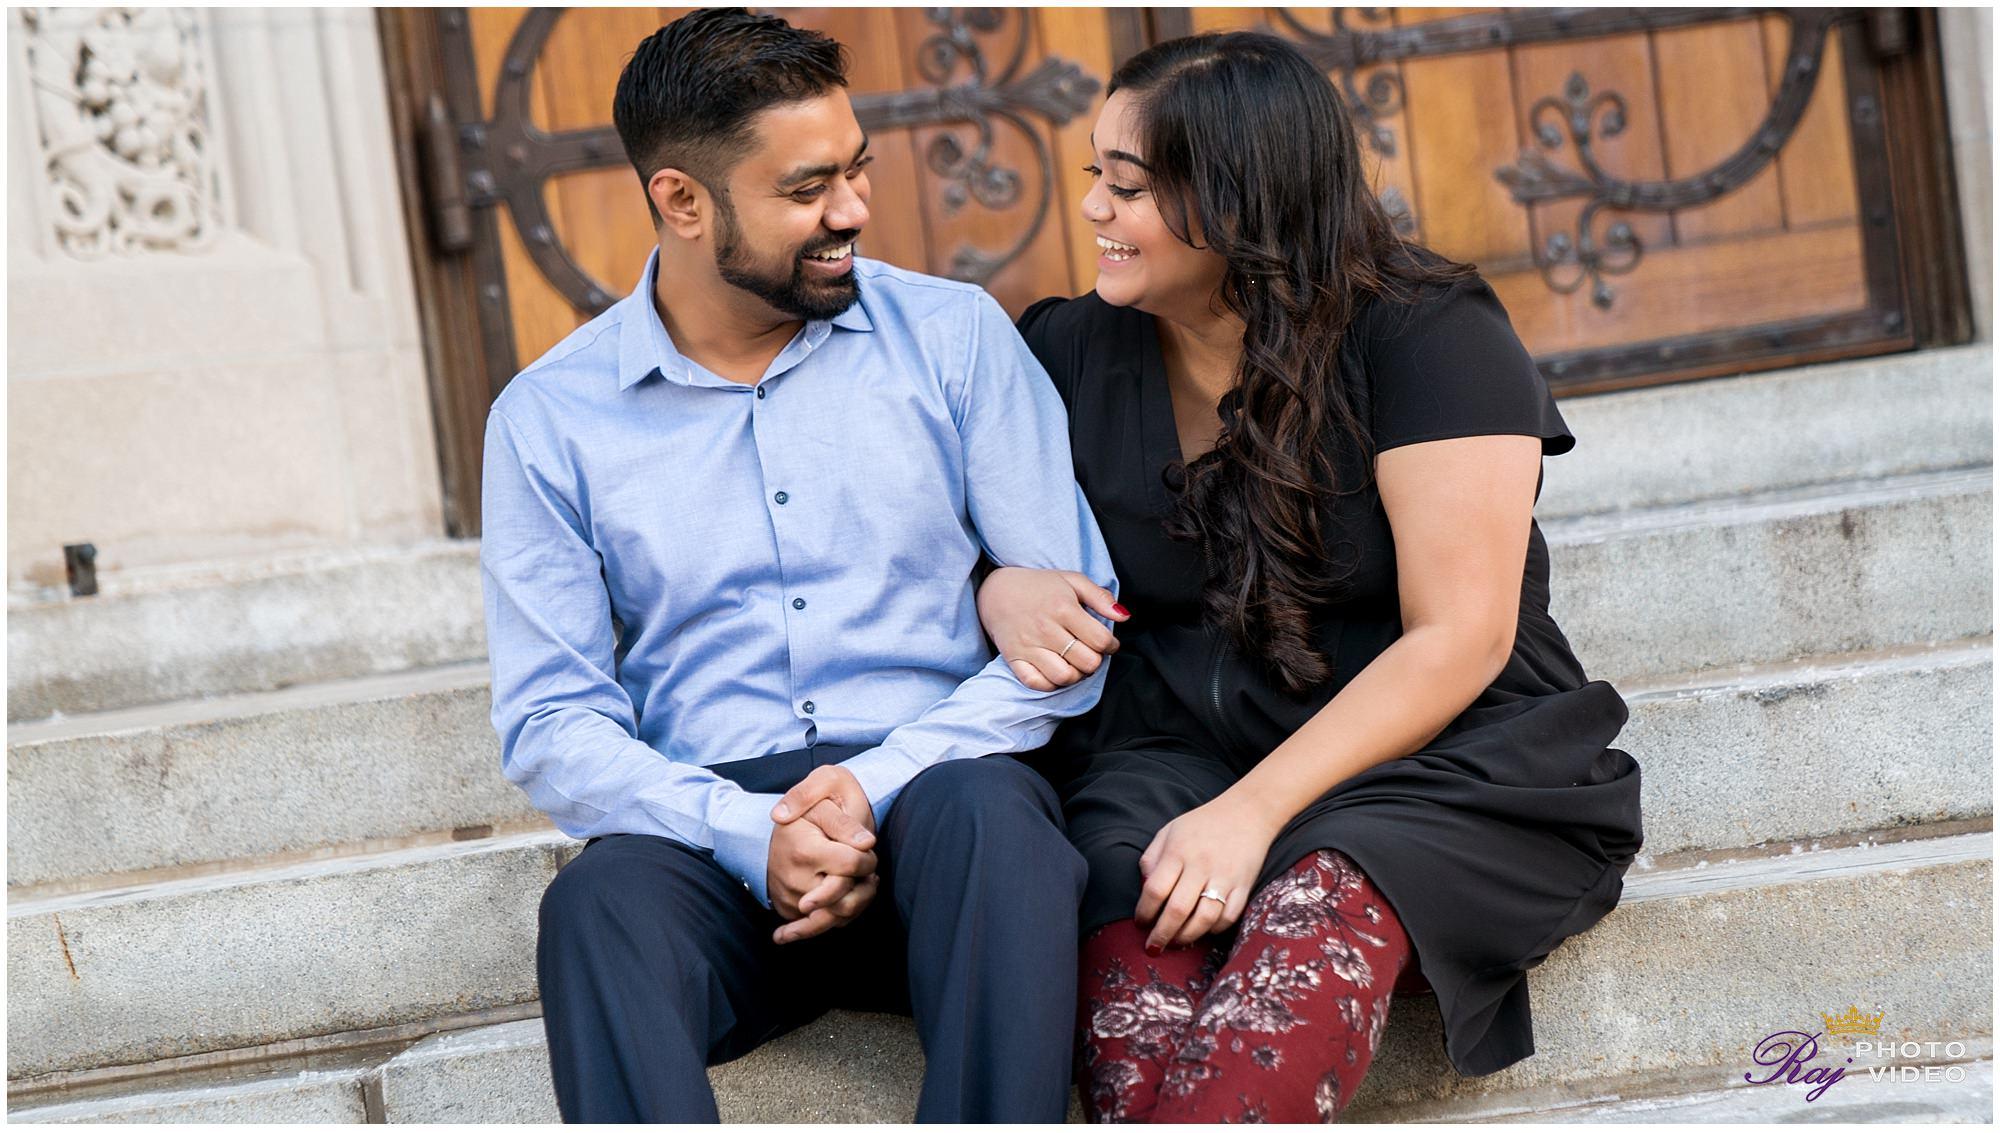 Princeton-University-Princeton-NJ-Engagement-Shoot-Krishna-Ritesh-6_Raj_Photo_Video.jpg